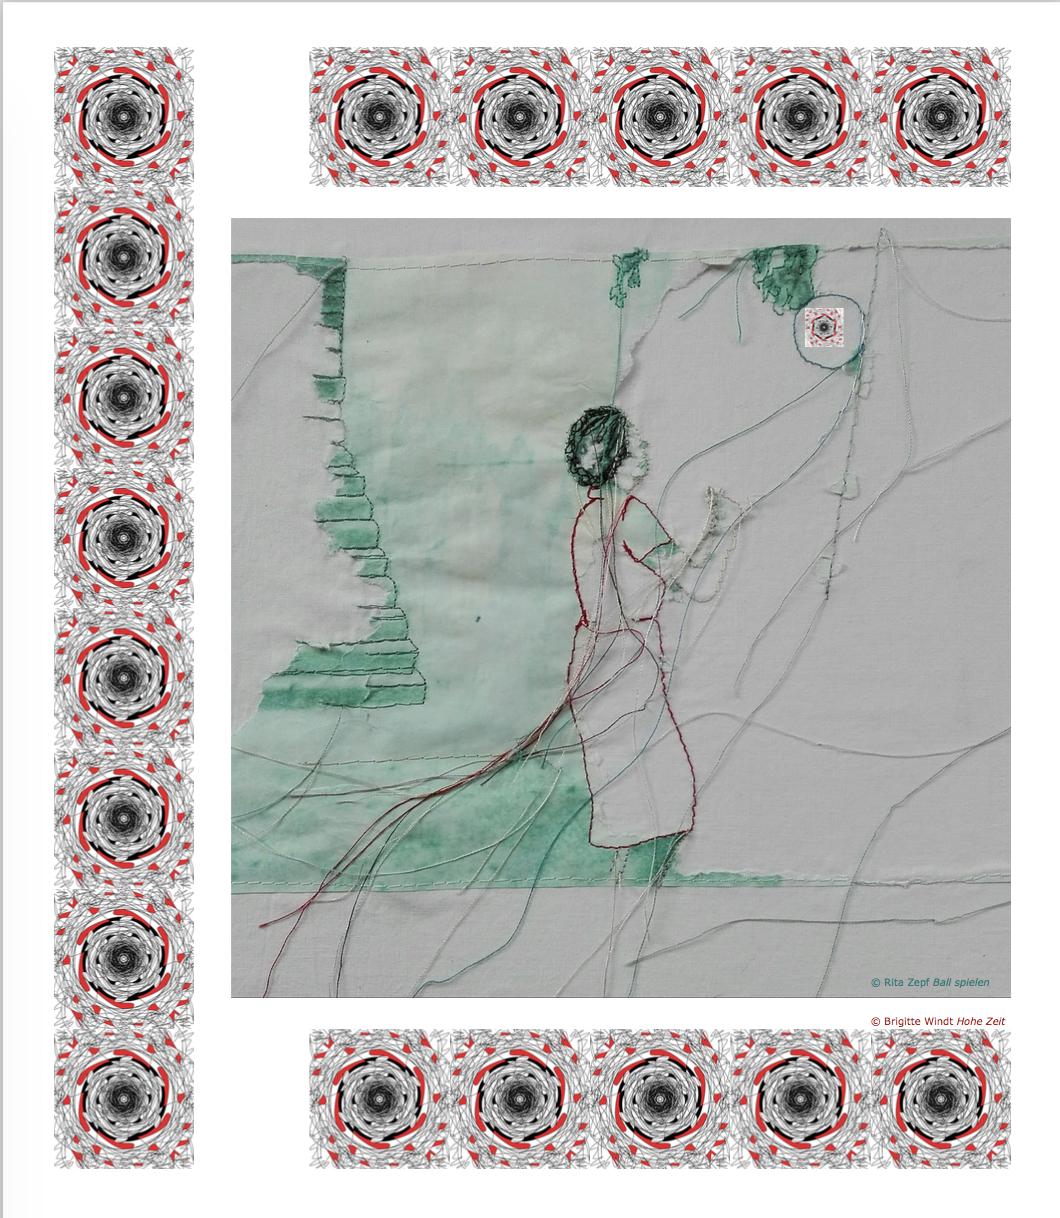 NEUJAHRSEMPFANG 2019 Rita Zepf Textil Kunst - Brigitte Windt Texte und Illustrationen - Berlin